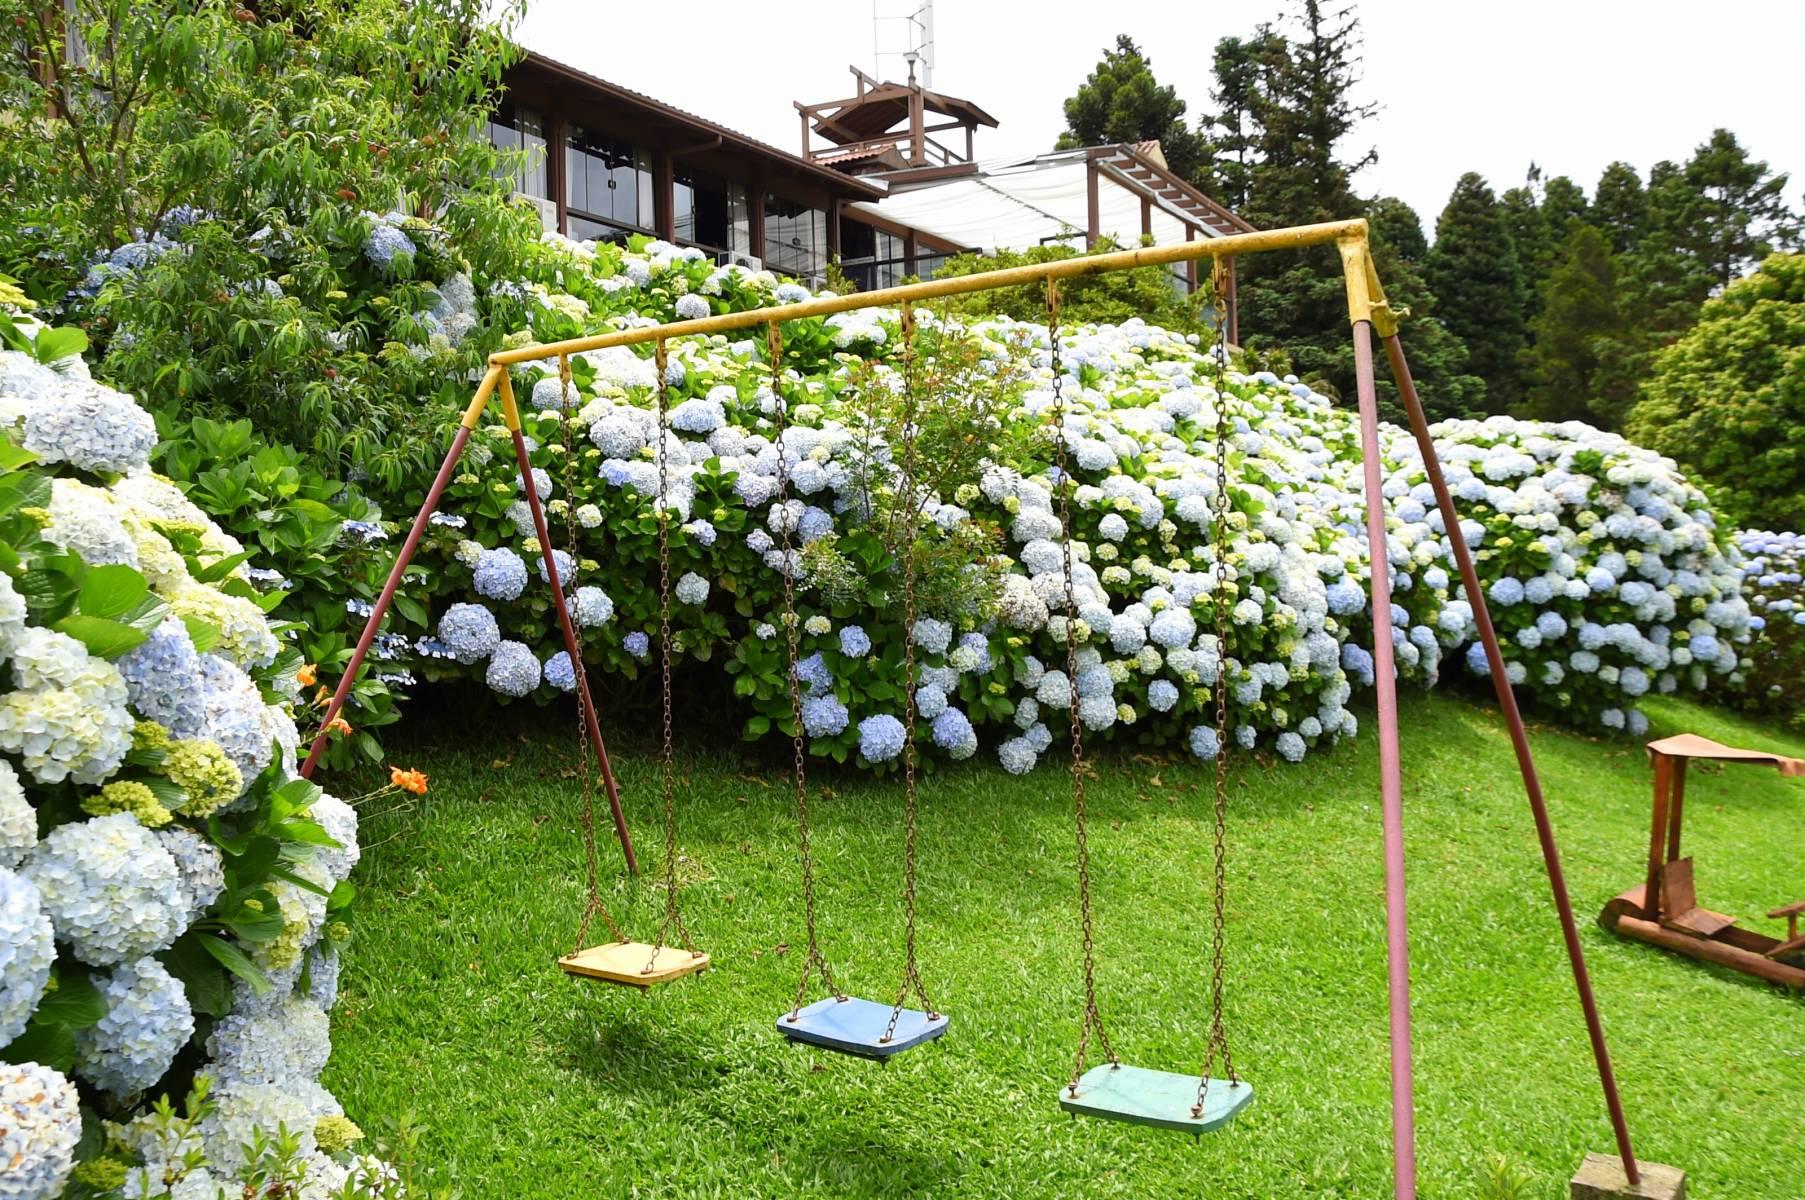 PlayGround com Hortênsias - Hotel Bangalôs da Serra #CurtaSuaFamilia #HotelSustentavel #TurismoVerde #TravelersChoice #EcoLider #Gramado